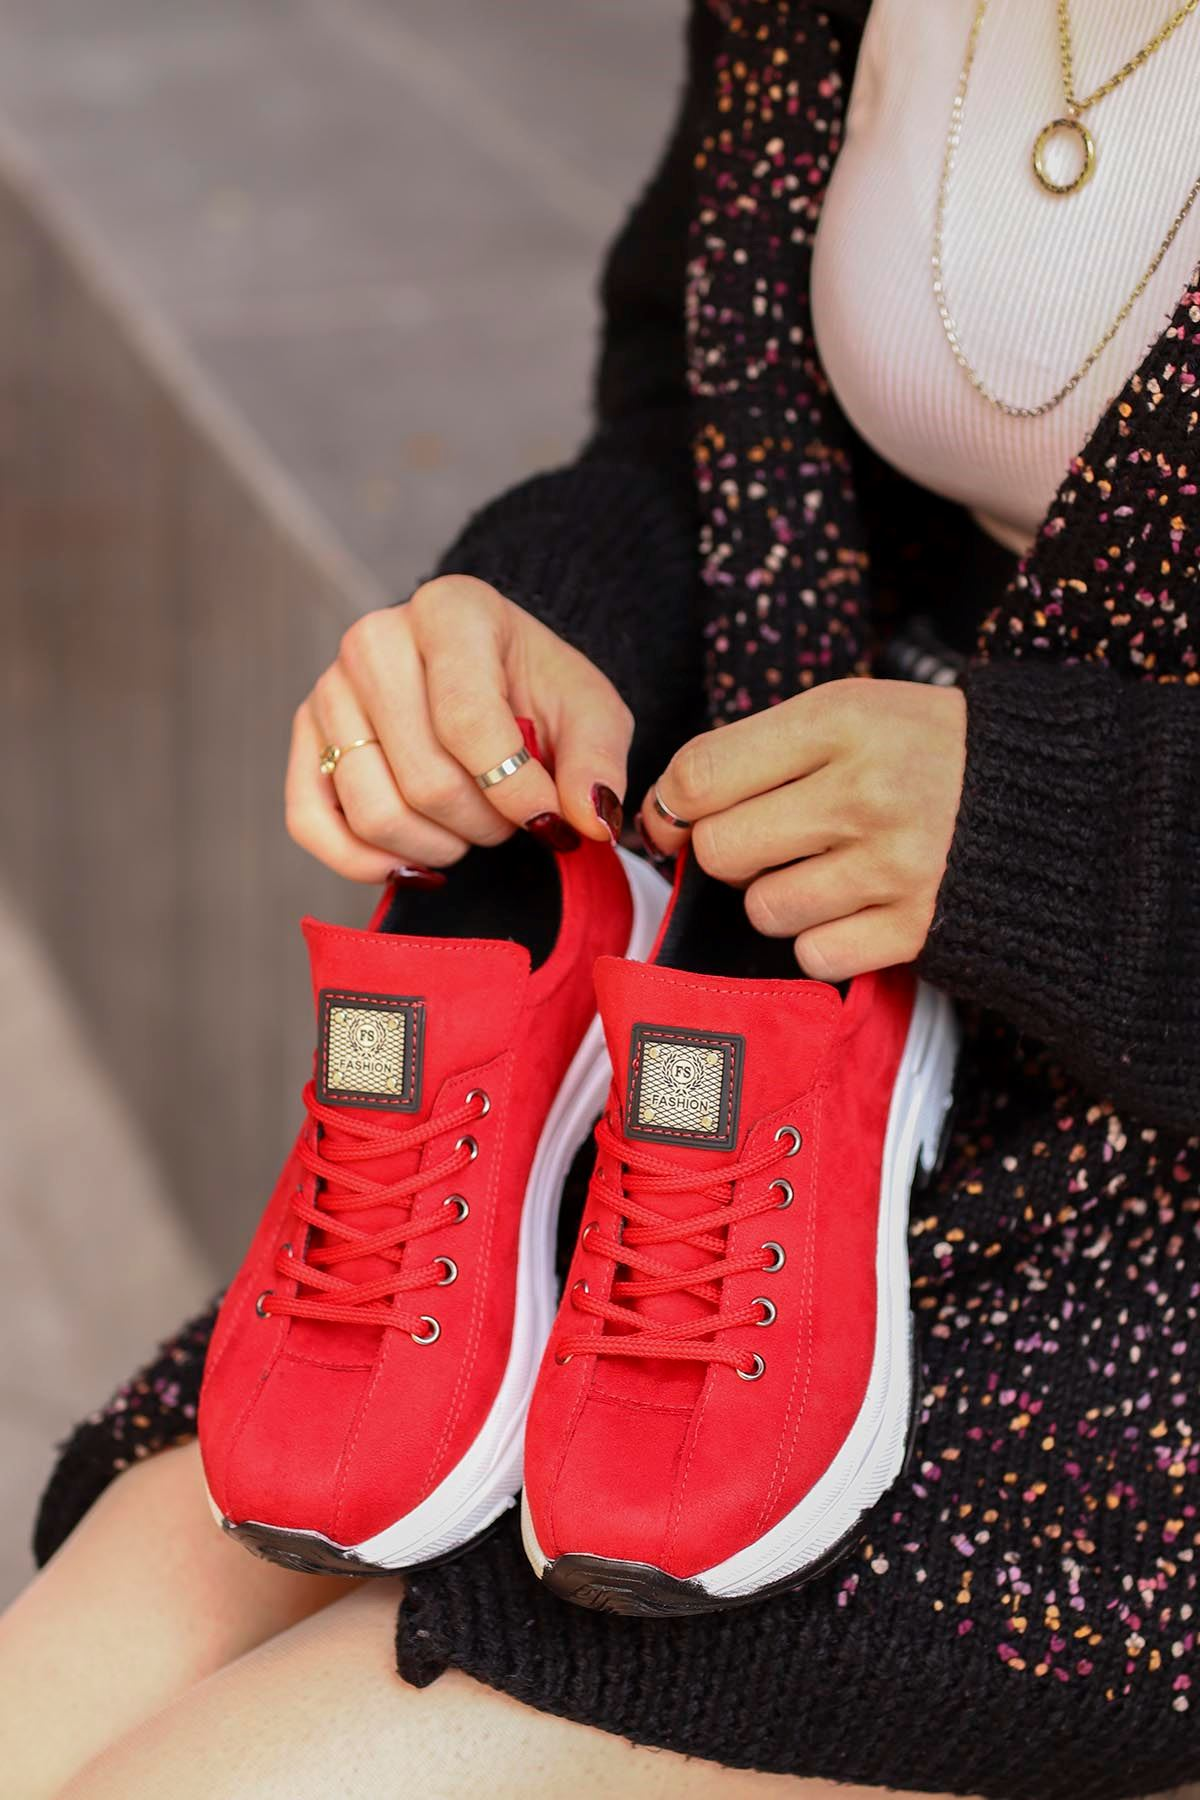 Frm-701 Spor Ayakkabı Kırmızı Süet